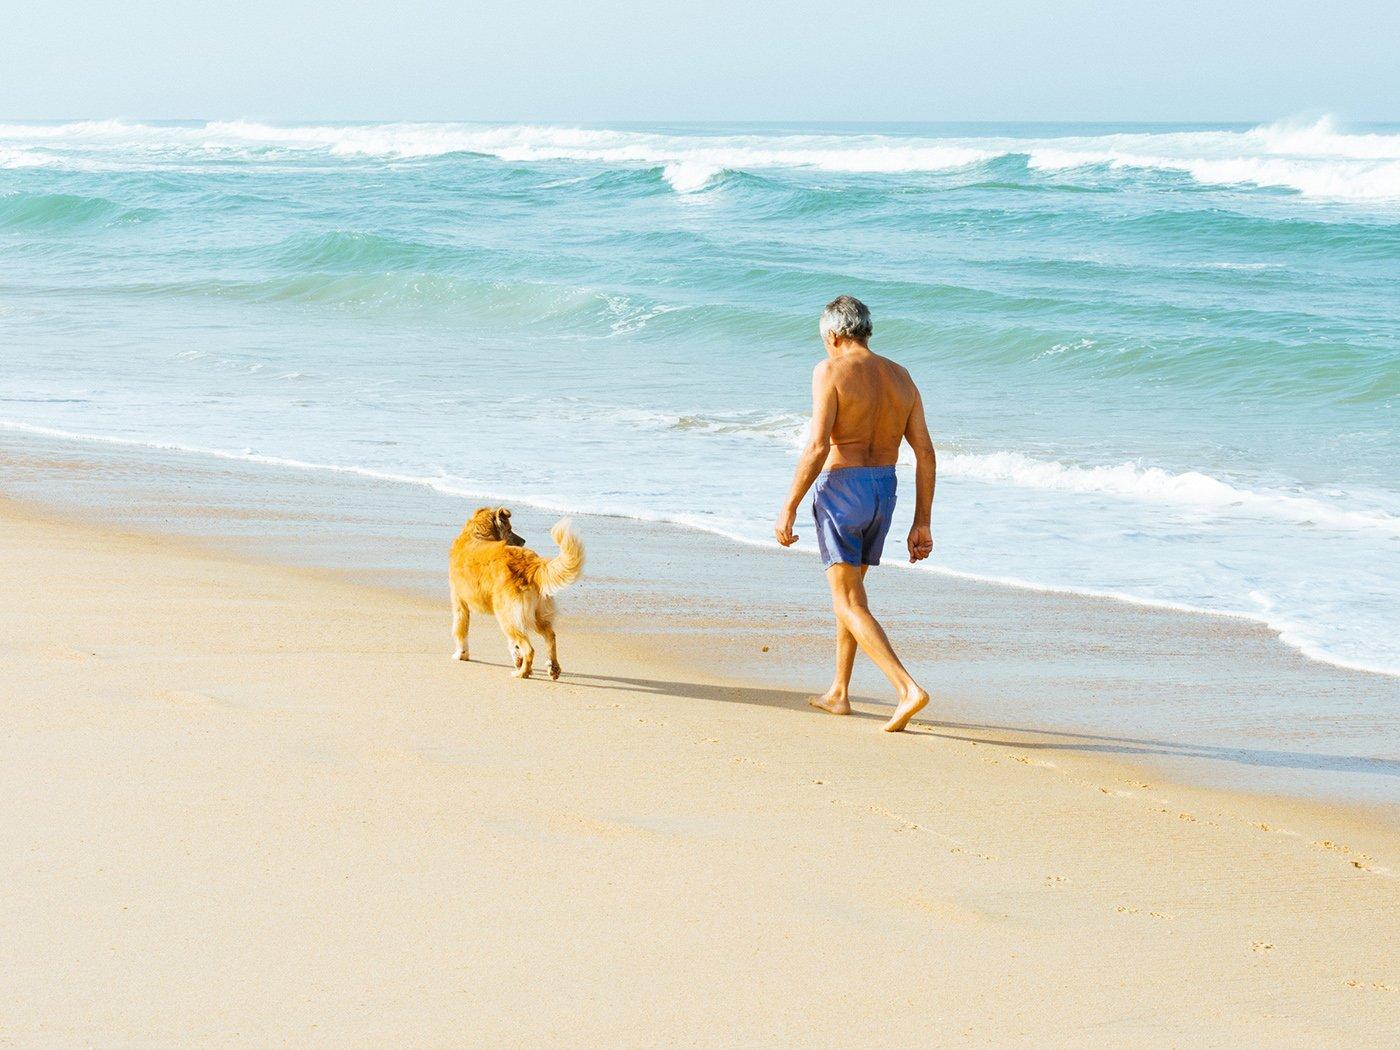 Urlaub mit Hund: Mann am Strand